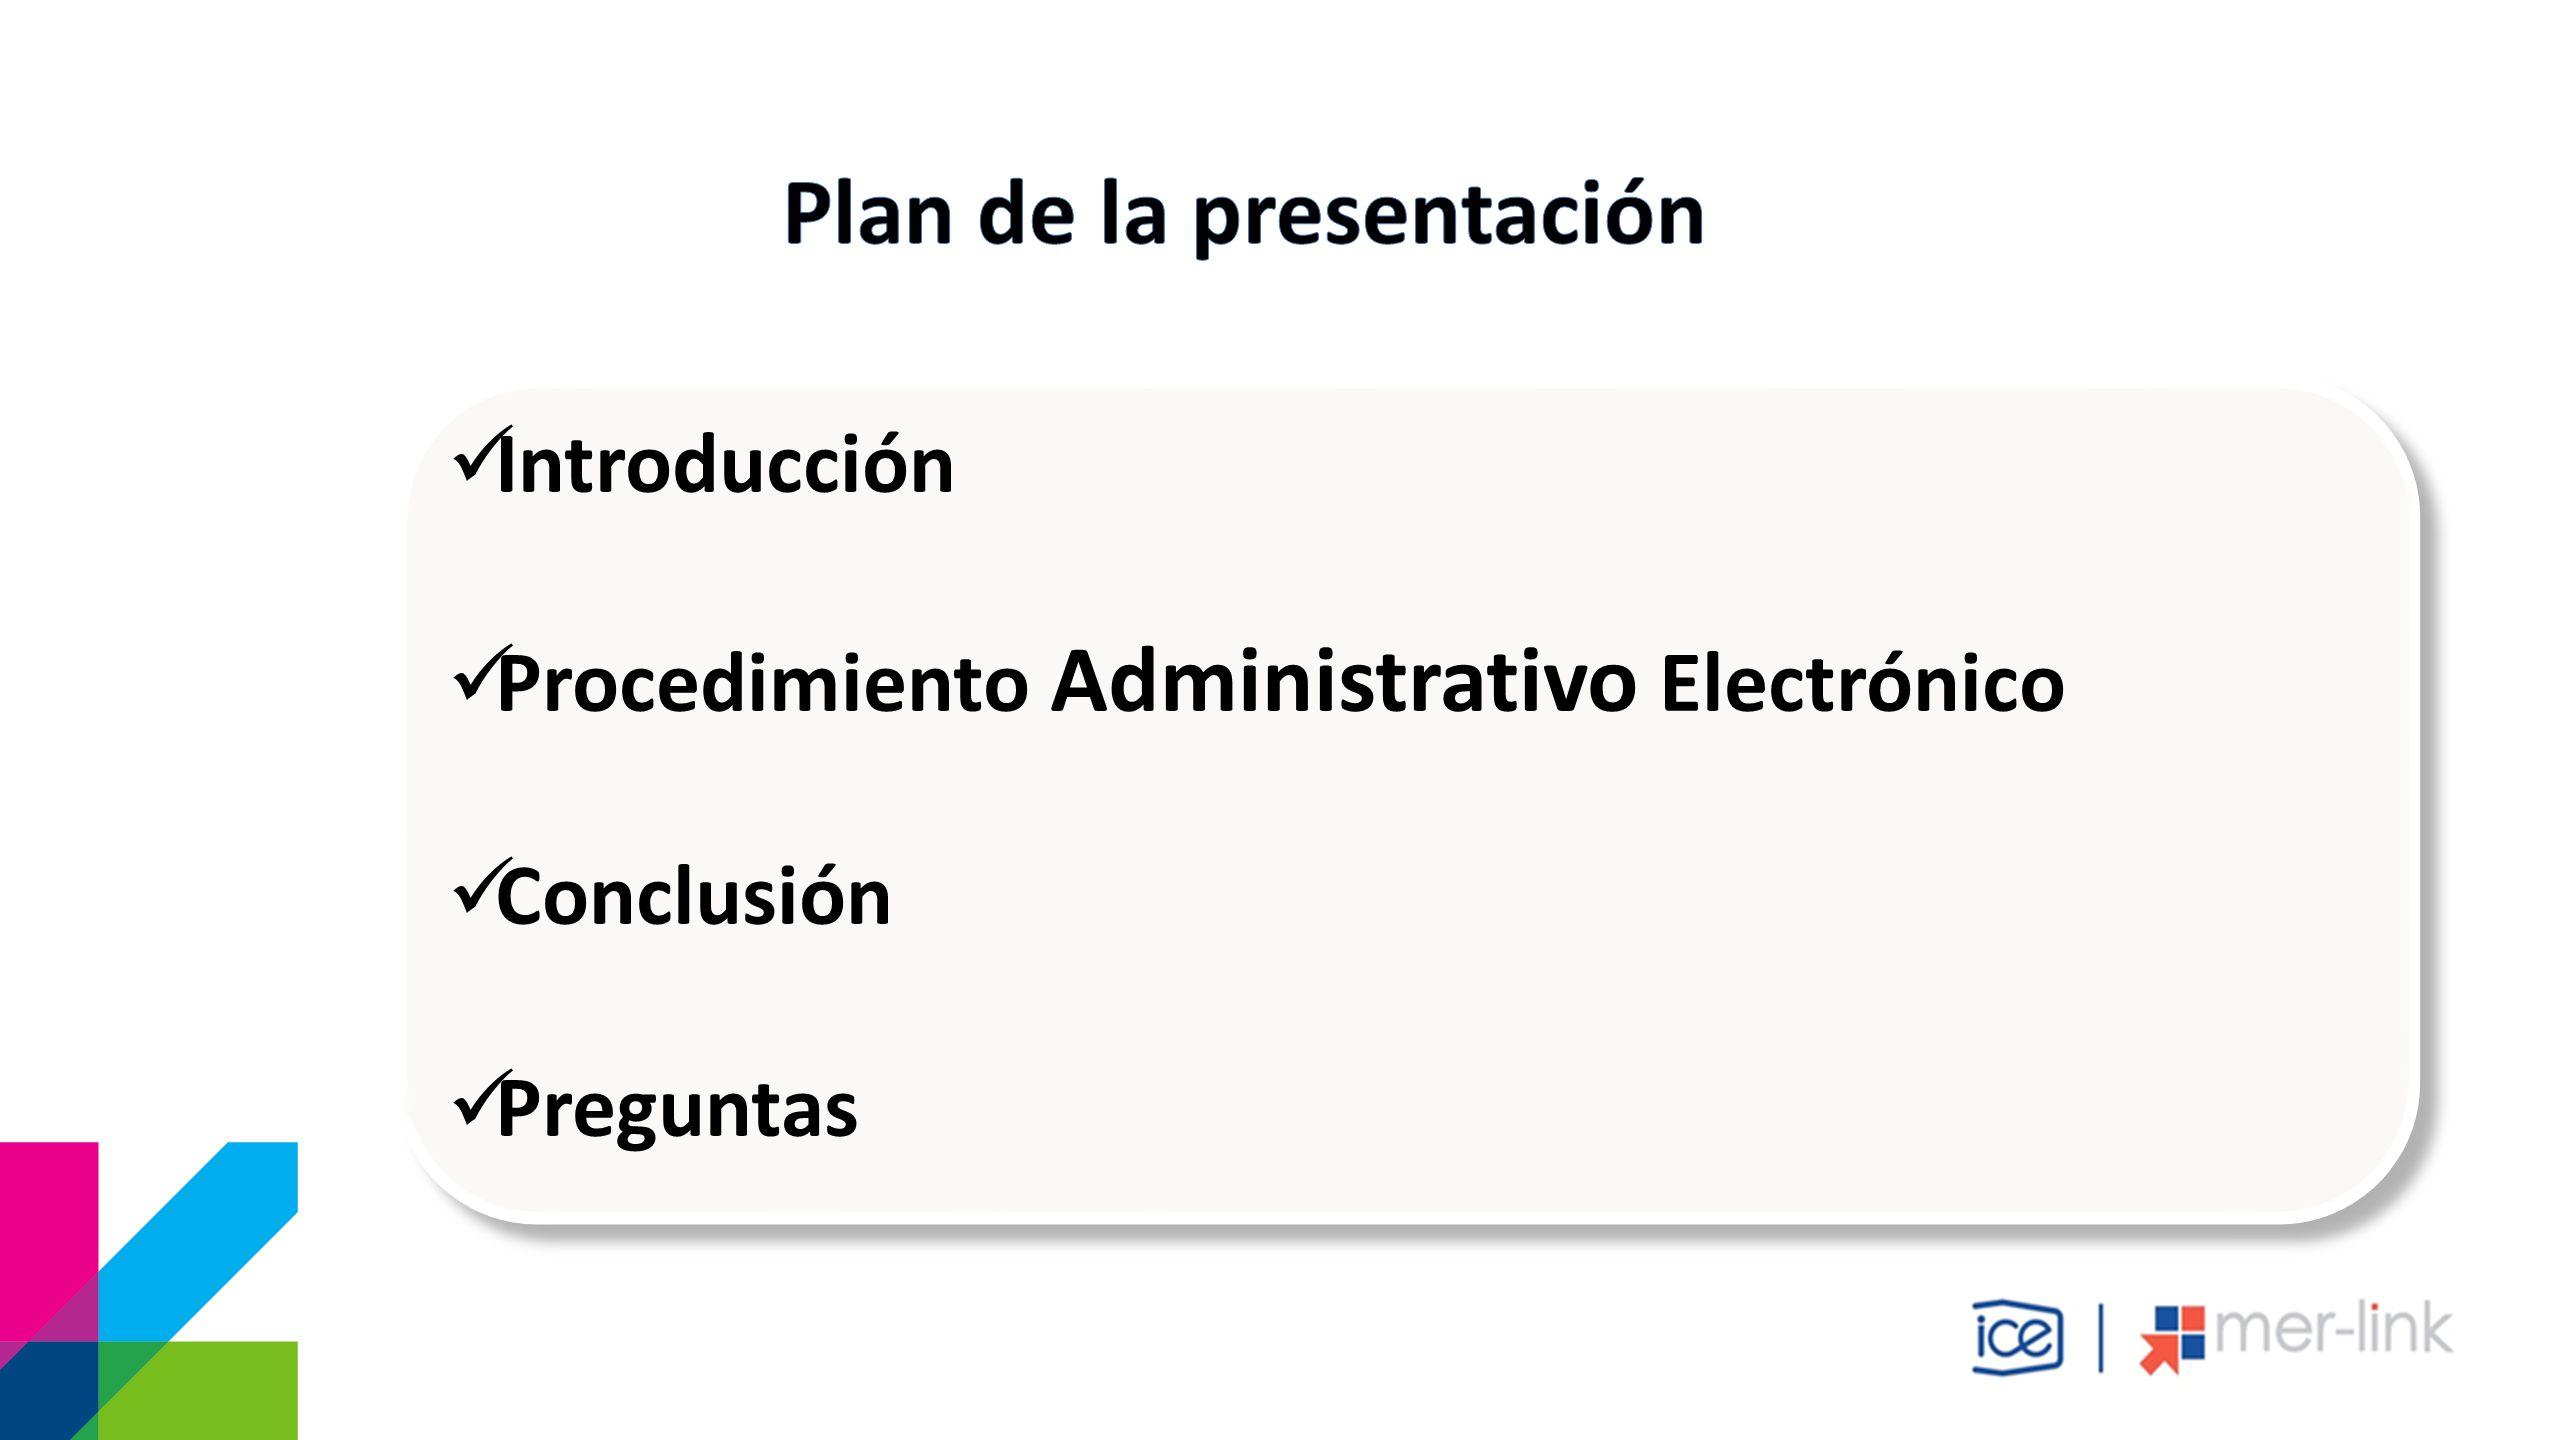 Introducción Procedimiento Administrativo Electrónico Conclusión Preguntas Introducción Procedimiento Administrativo Electrónico Conclusión Preguntas